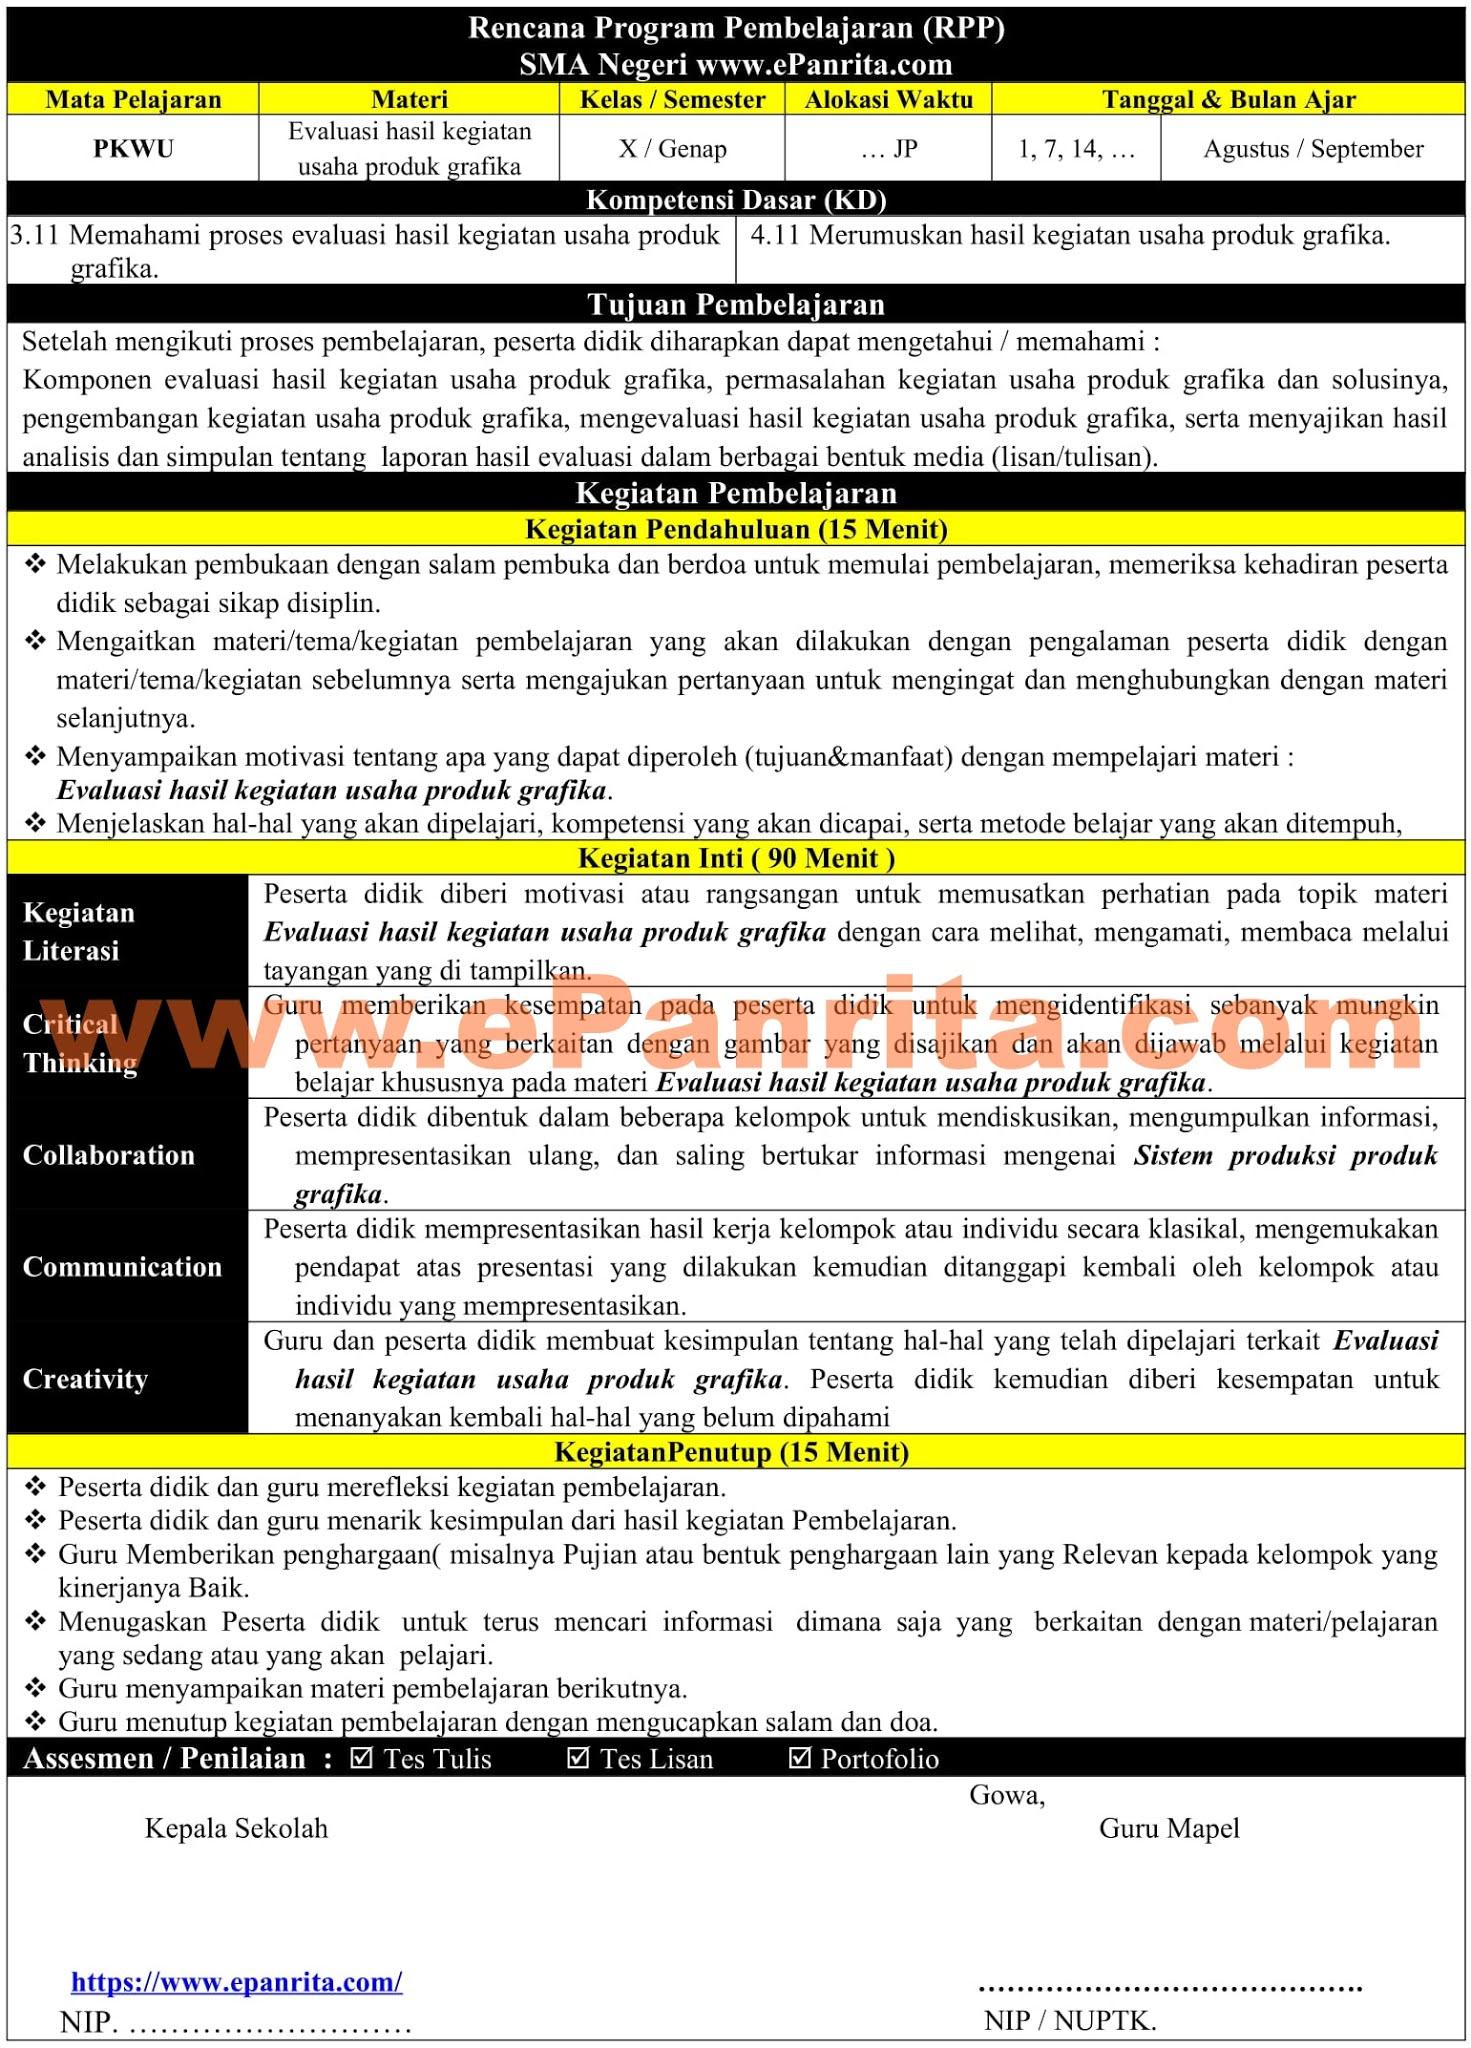 RPP 1 Halaman Prakarya Aspek Rekayasa (Evaluasi hasil kegiatan usaha produk grafika)